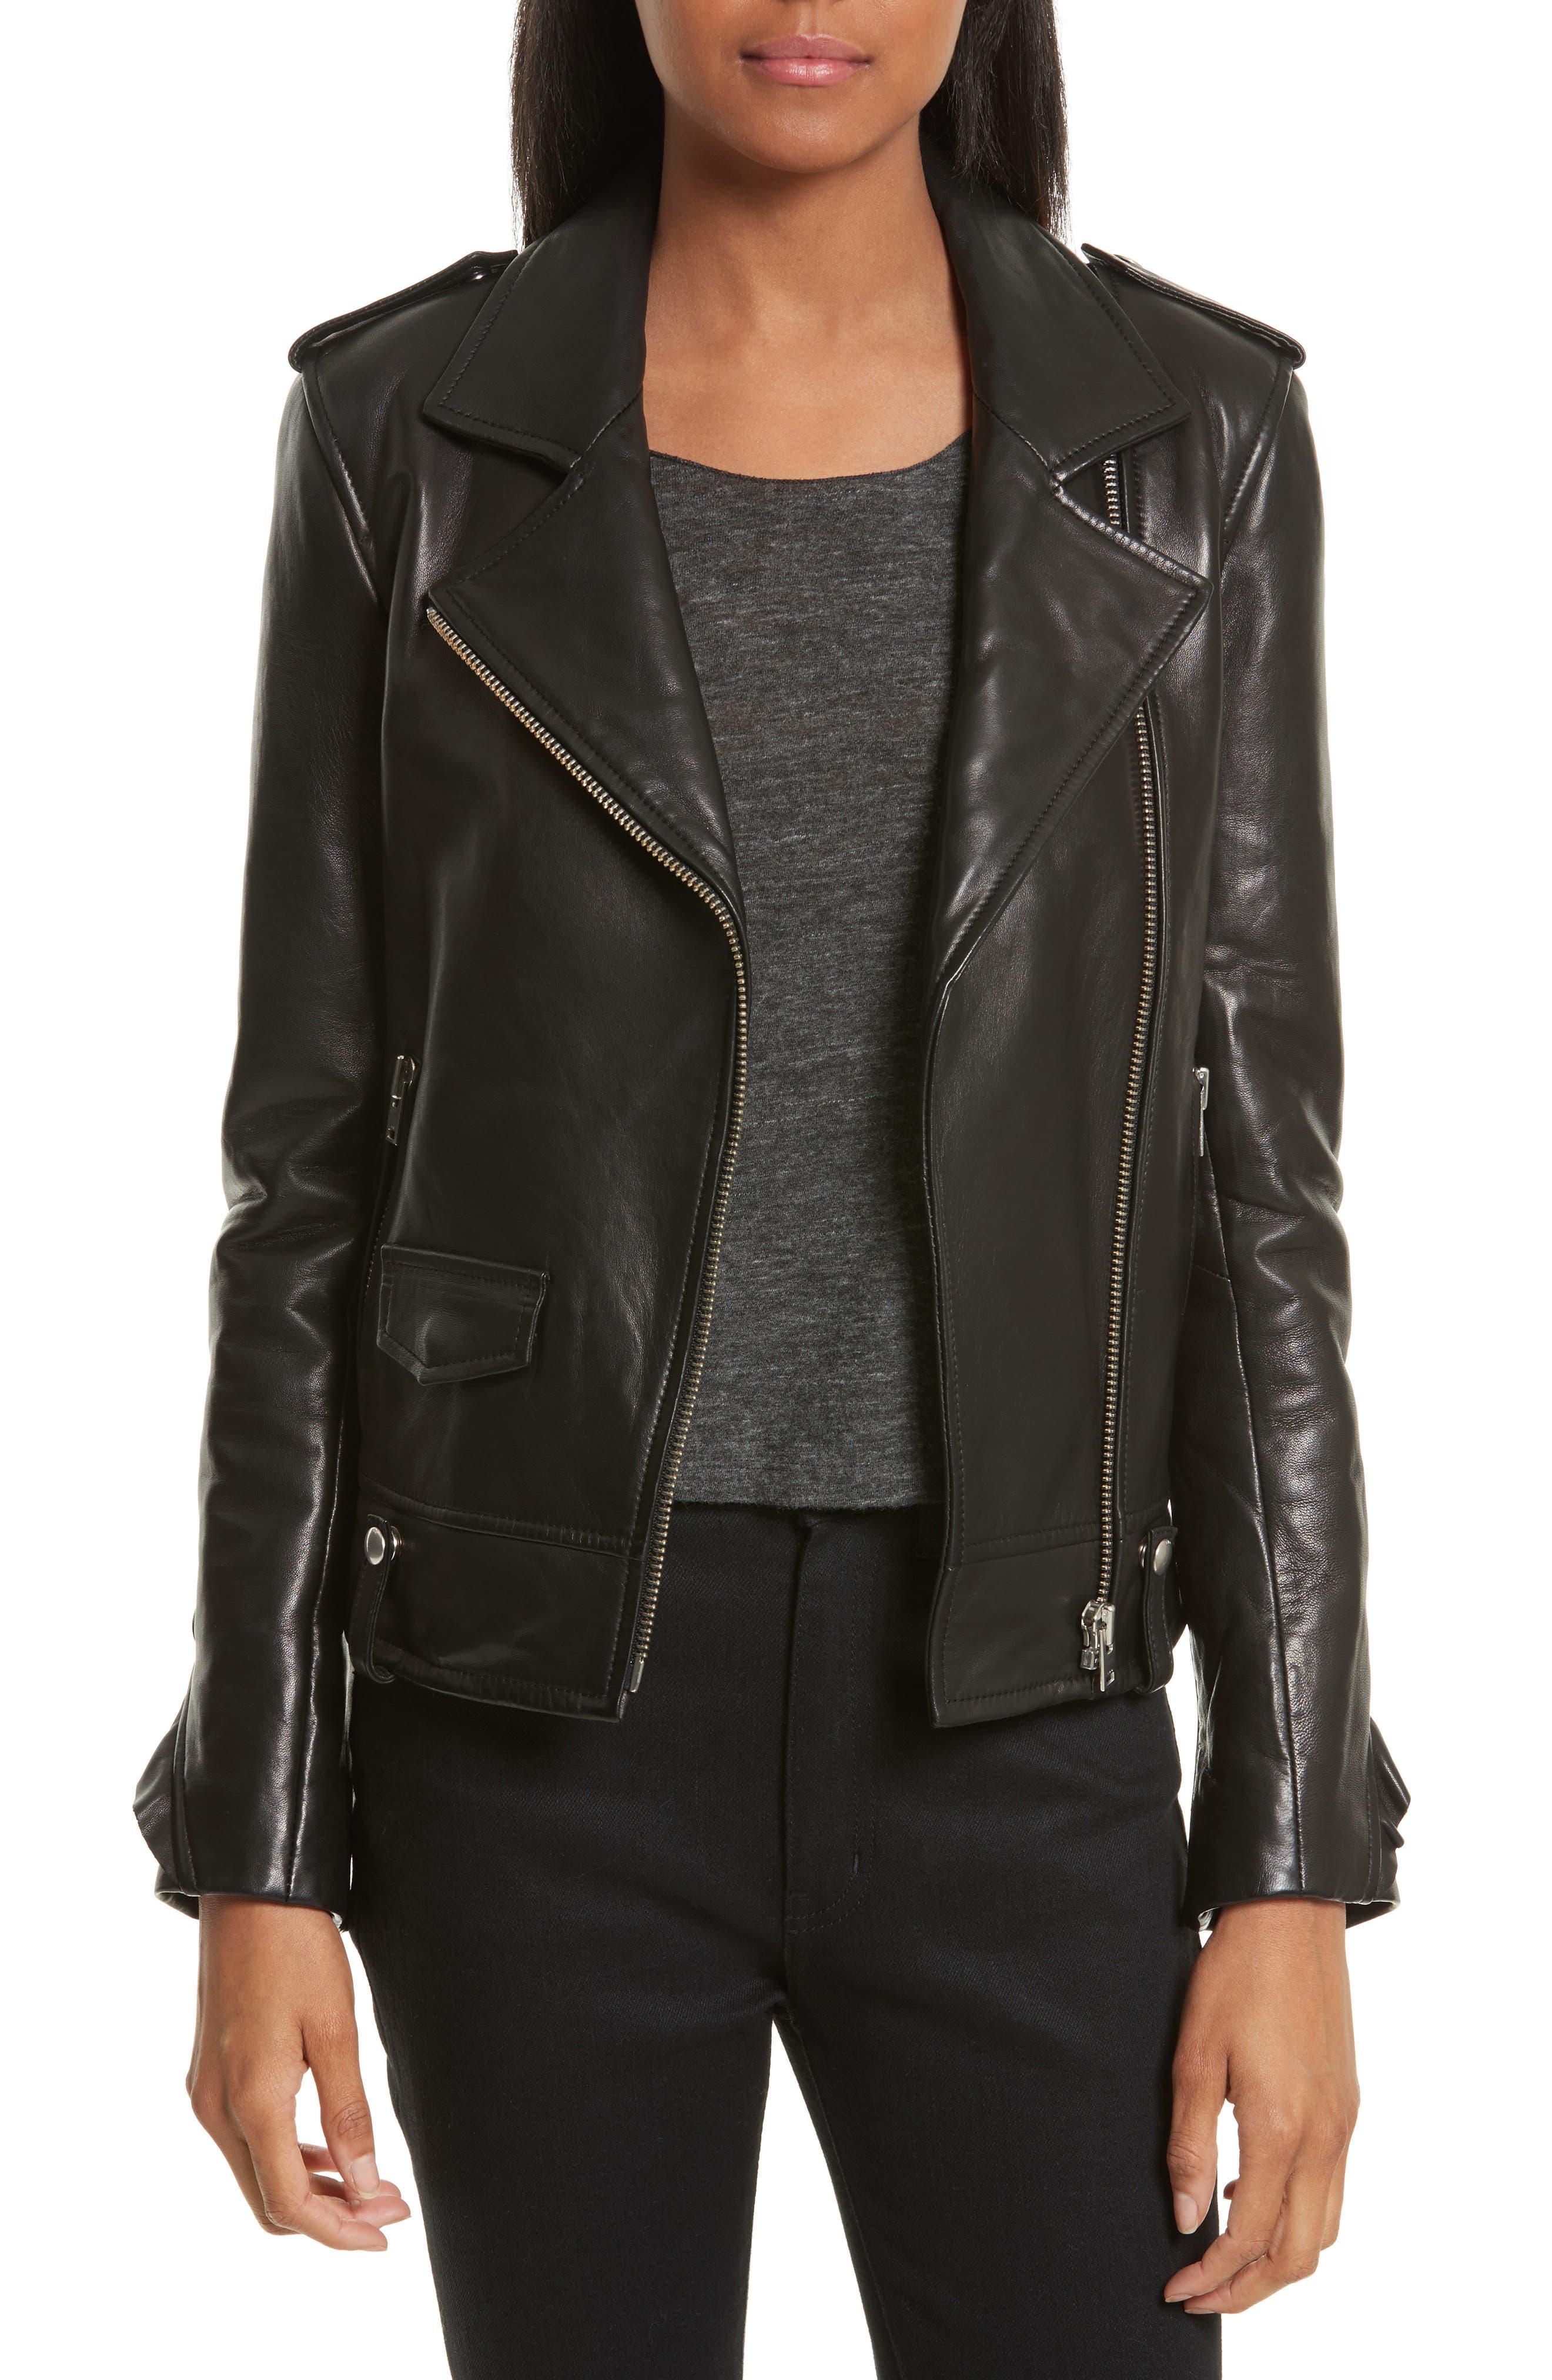 Dumont Leather Jacket,                             Main thumbnail 1, color,